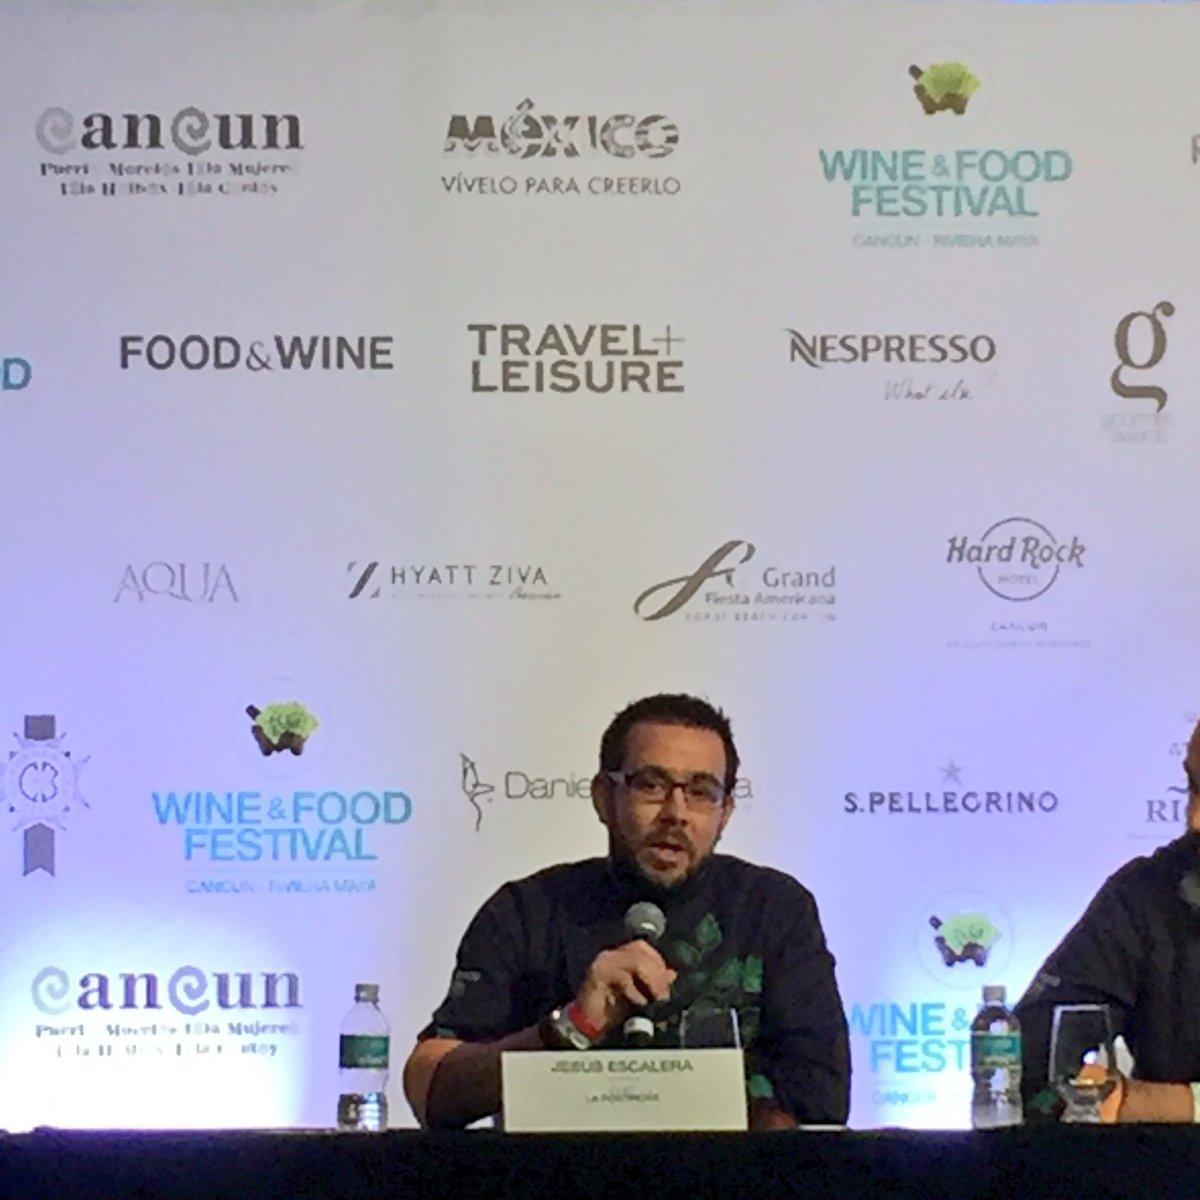 """""""Si no fuera por los ingredientes de México, se cae el recetario pastelero mundial""""~ @EscaleraCiscare en @WineFoodMX https://t.co/ubTpLUKzBq"""